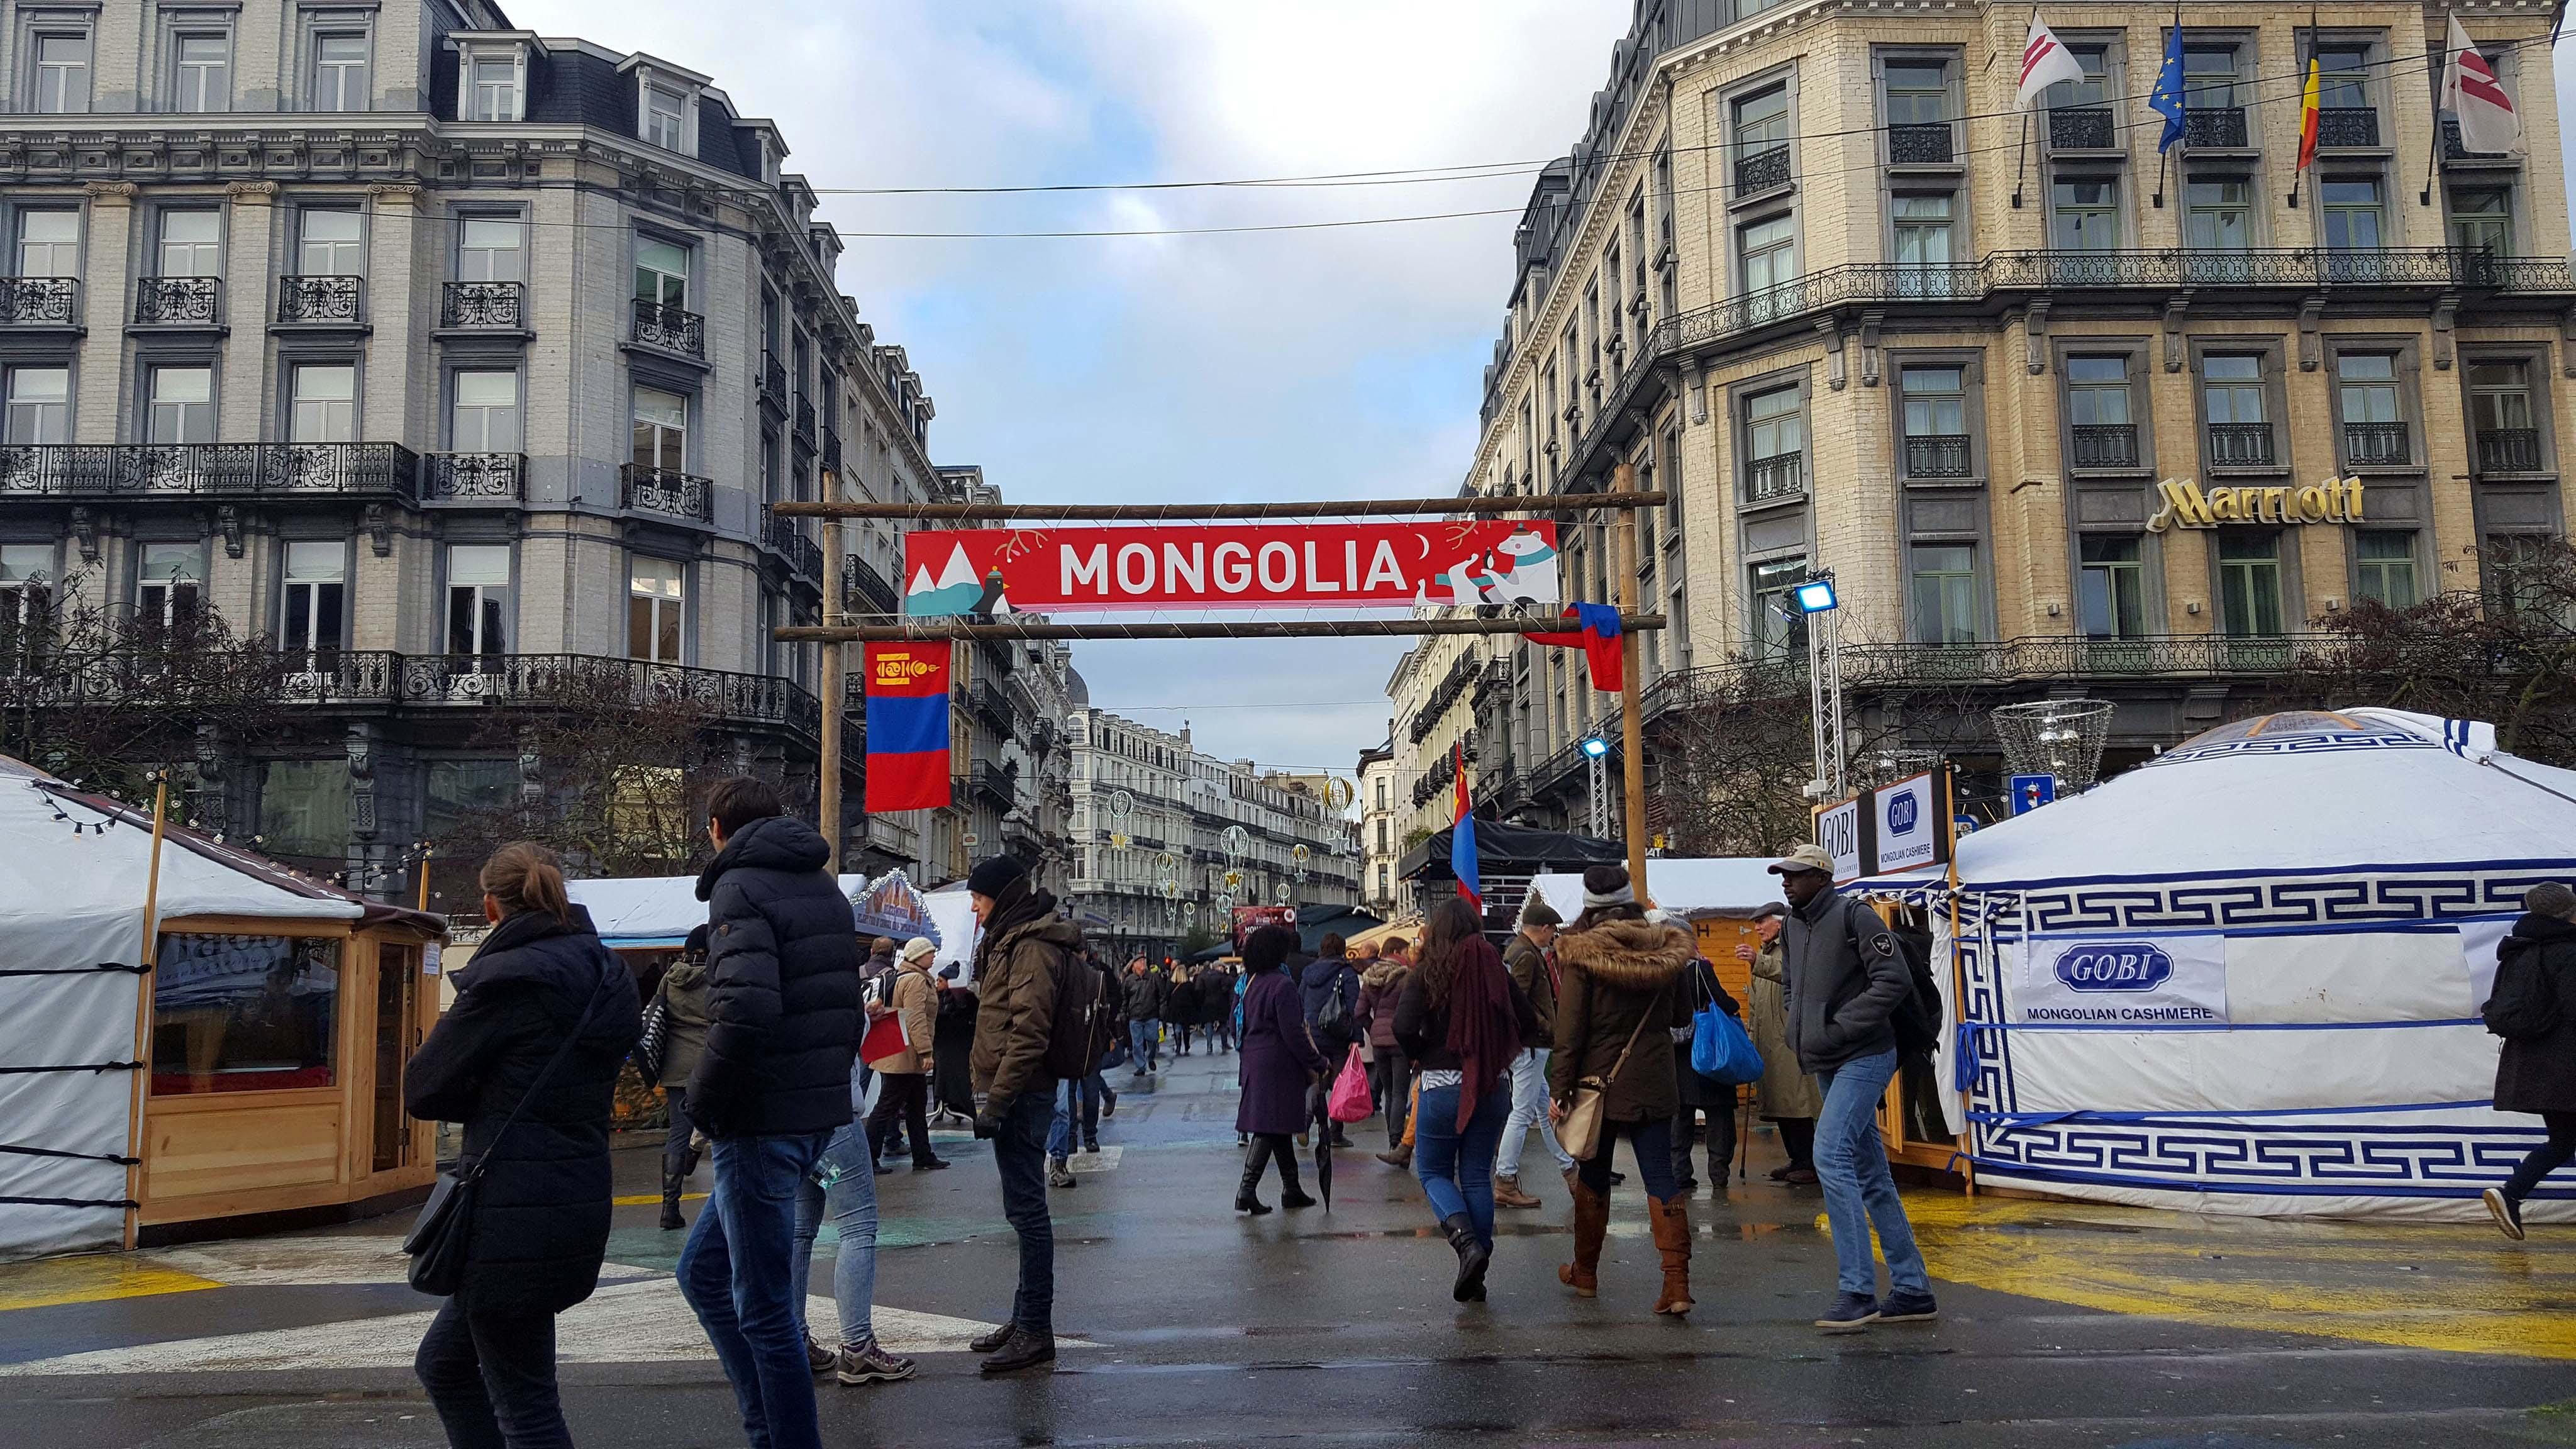 village-mongolie-marche-noel-bruxelles